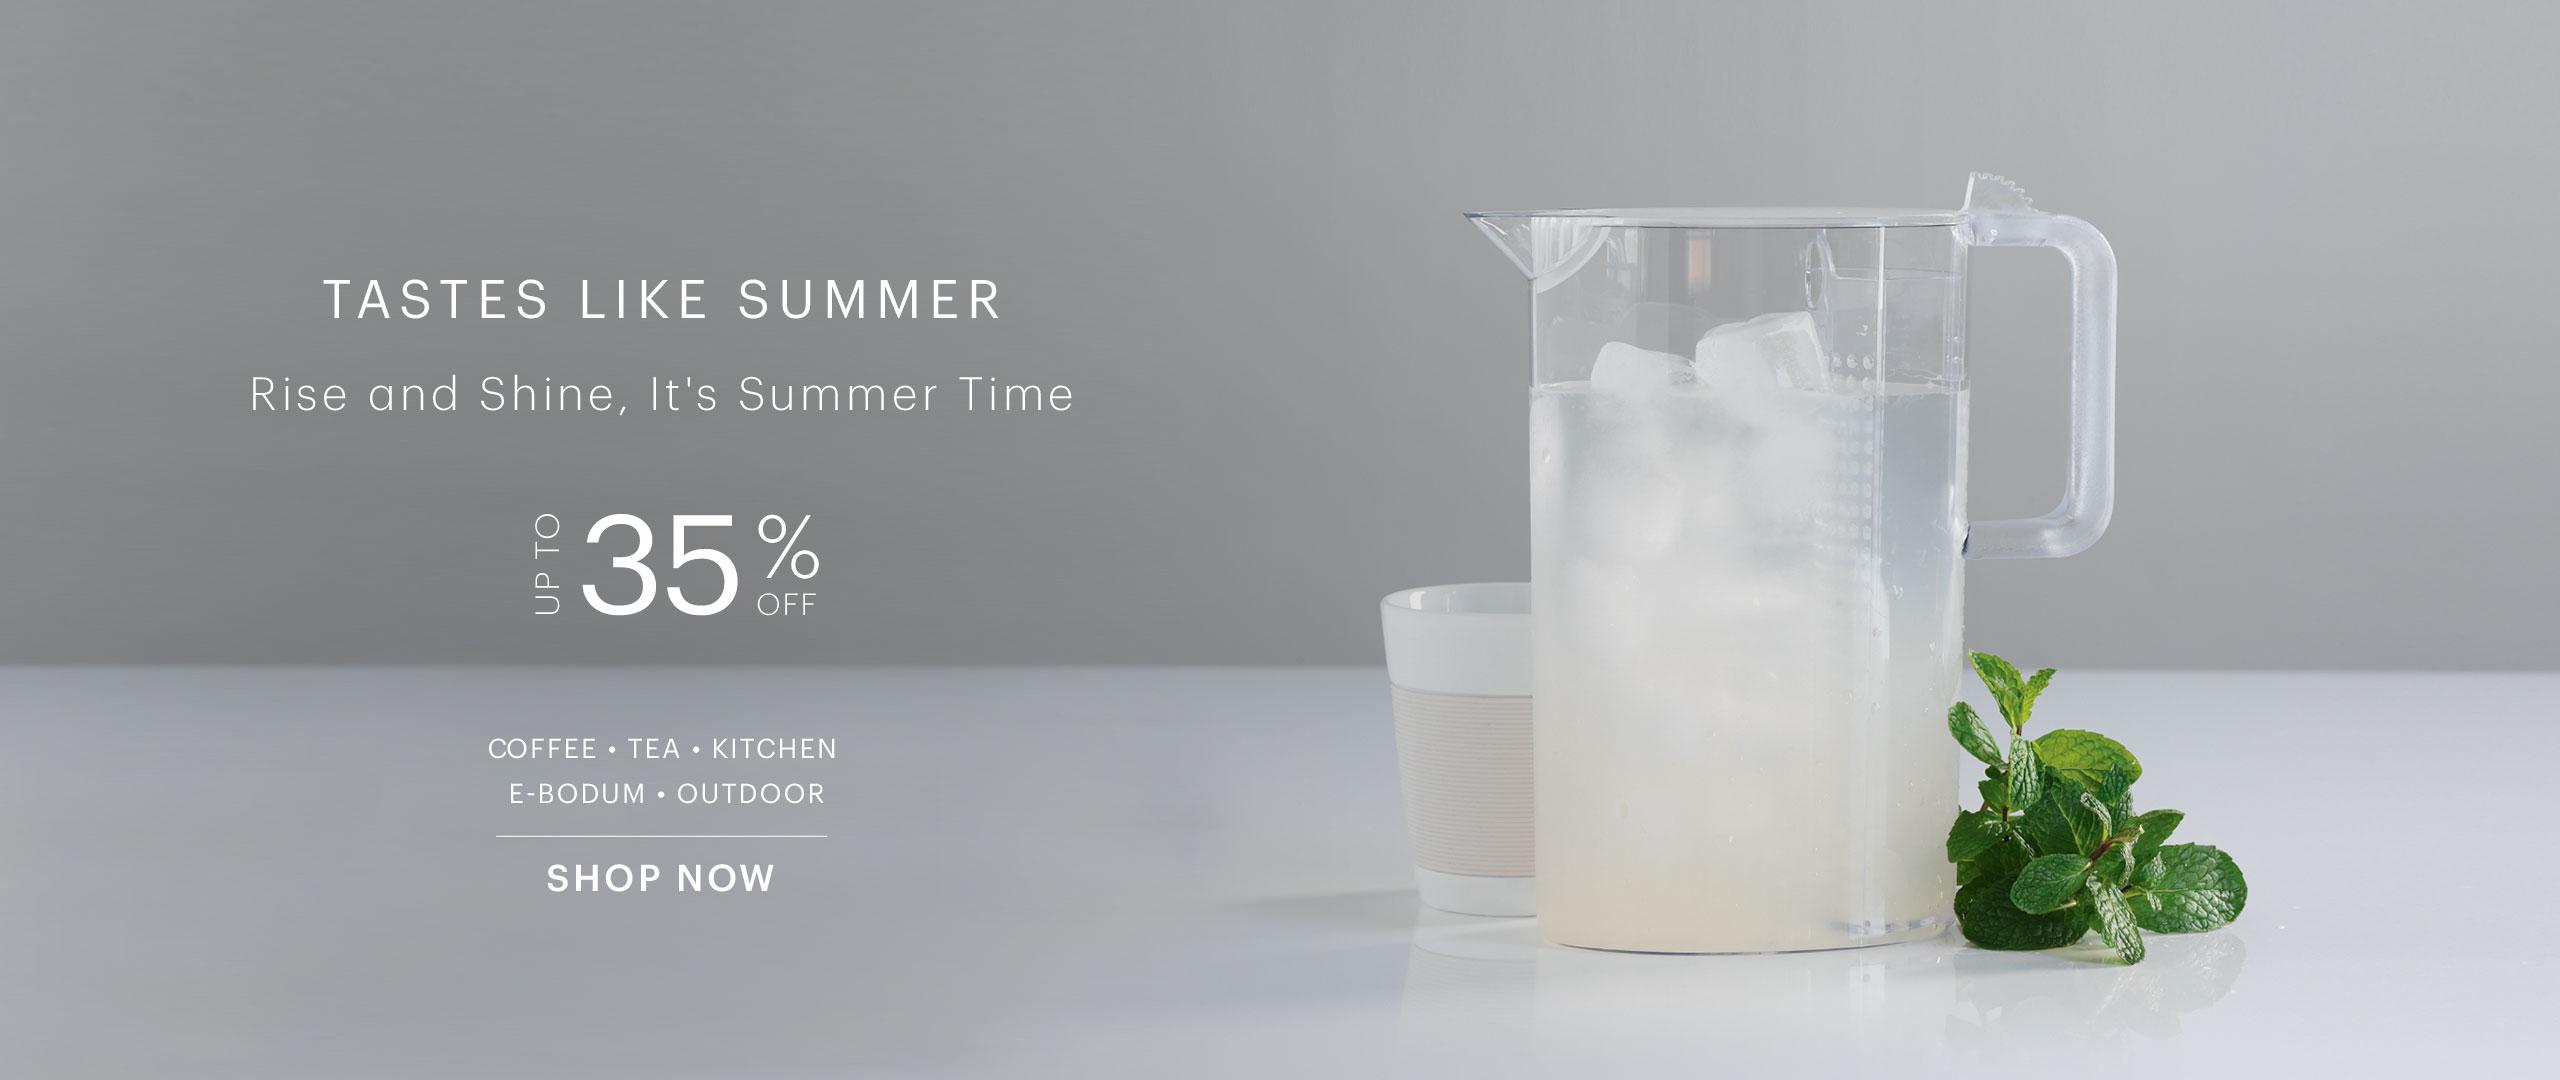 BEU [EN] - Tastes Like Summer 2